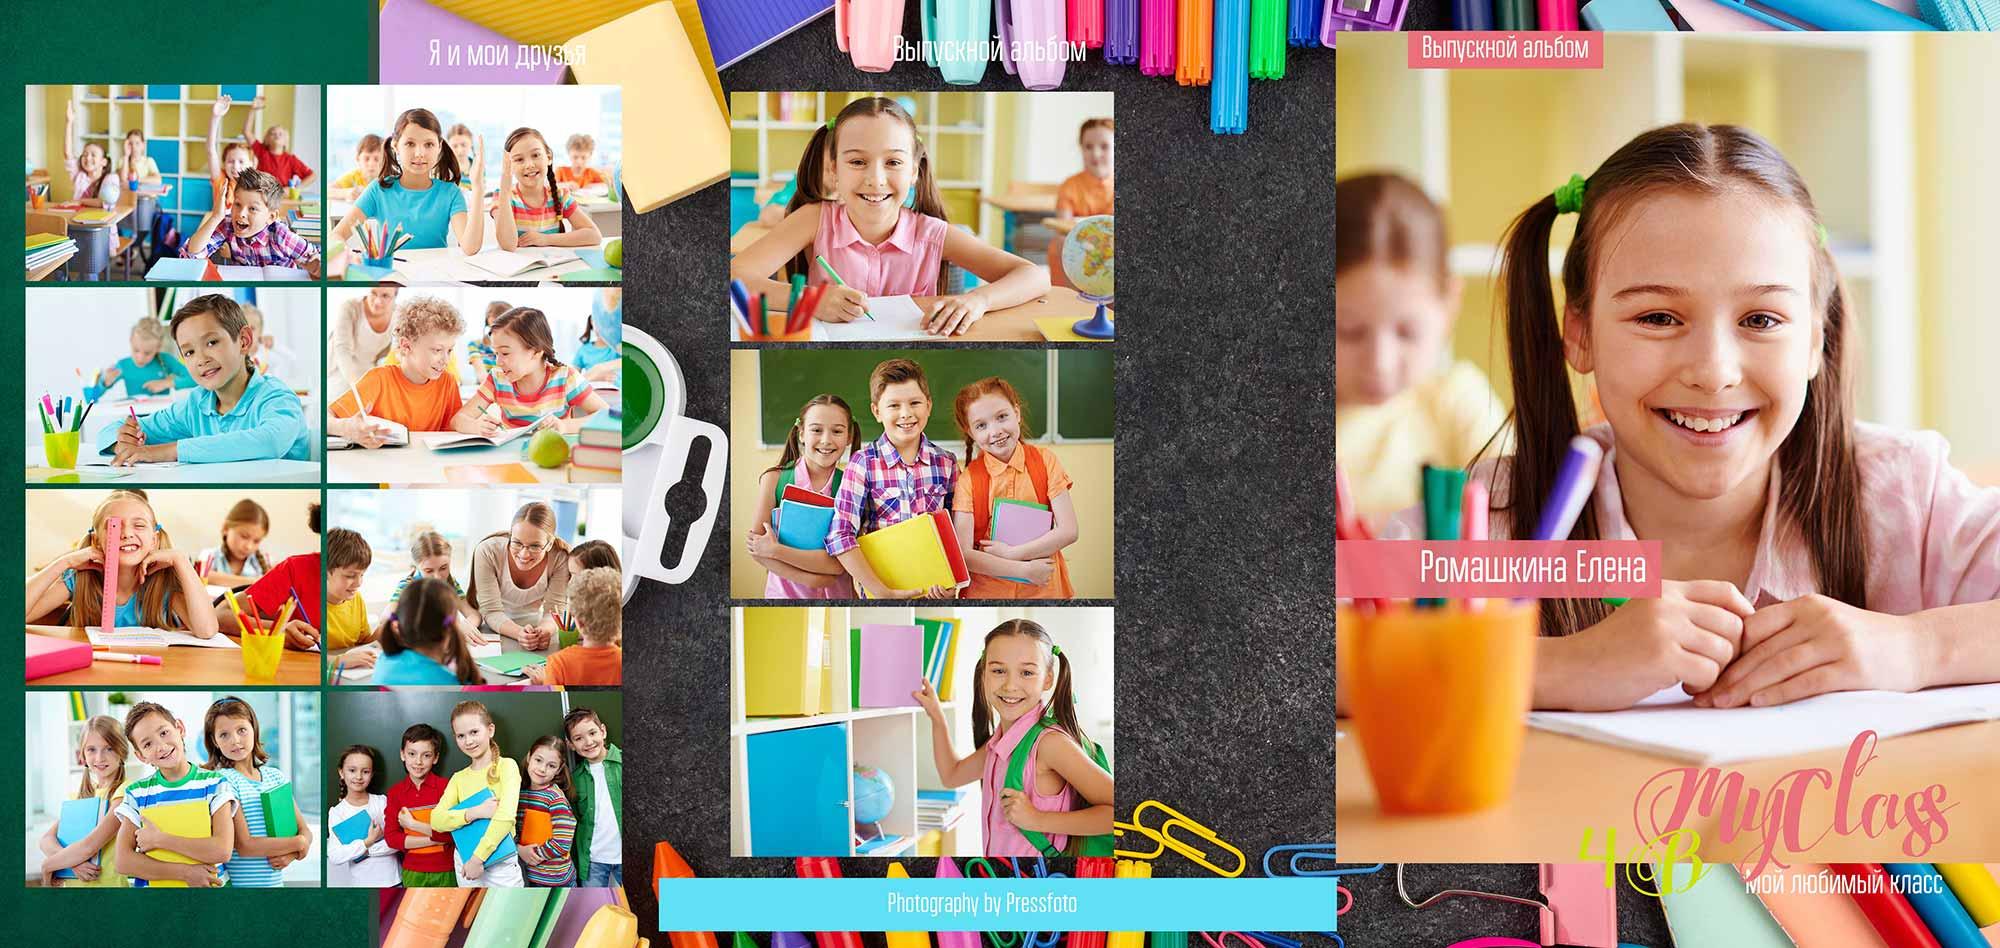 фотопапка трюмо для детского сада, фотопапка для младших классов школы